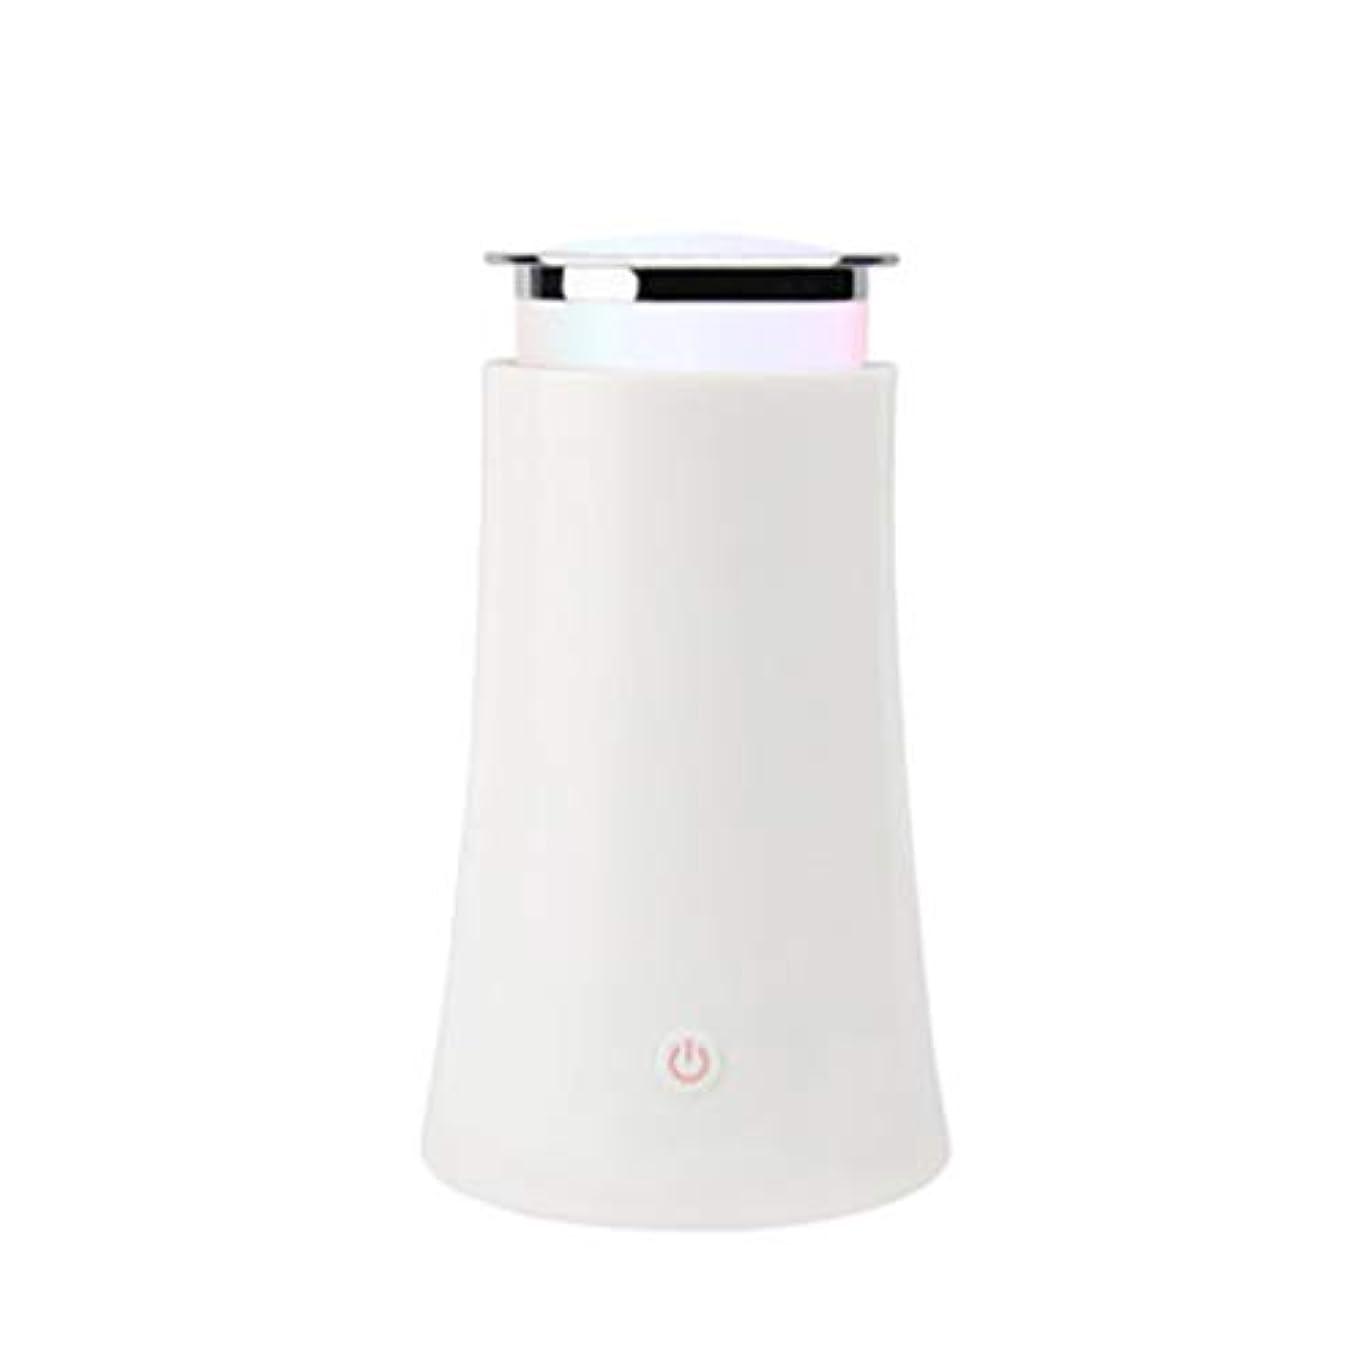 白いリース薄汚いサイレントカラースプレー機超音波加湿器プラグイン加湿器香機世帯 (Color : White)